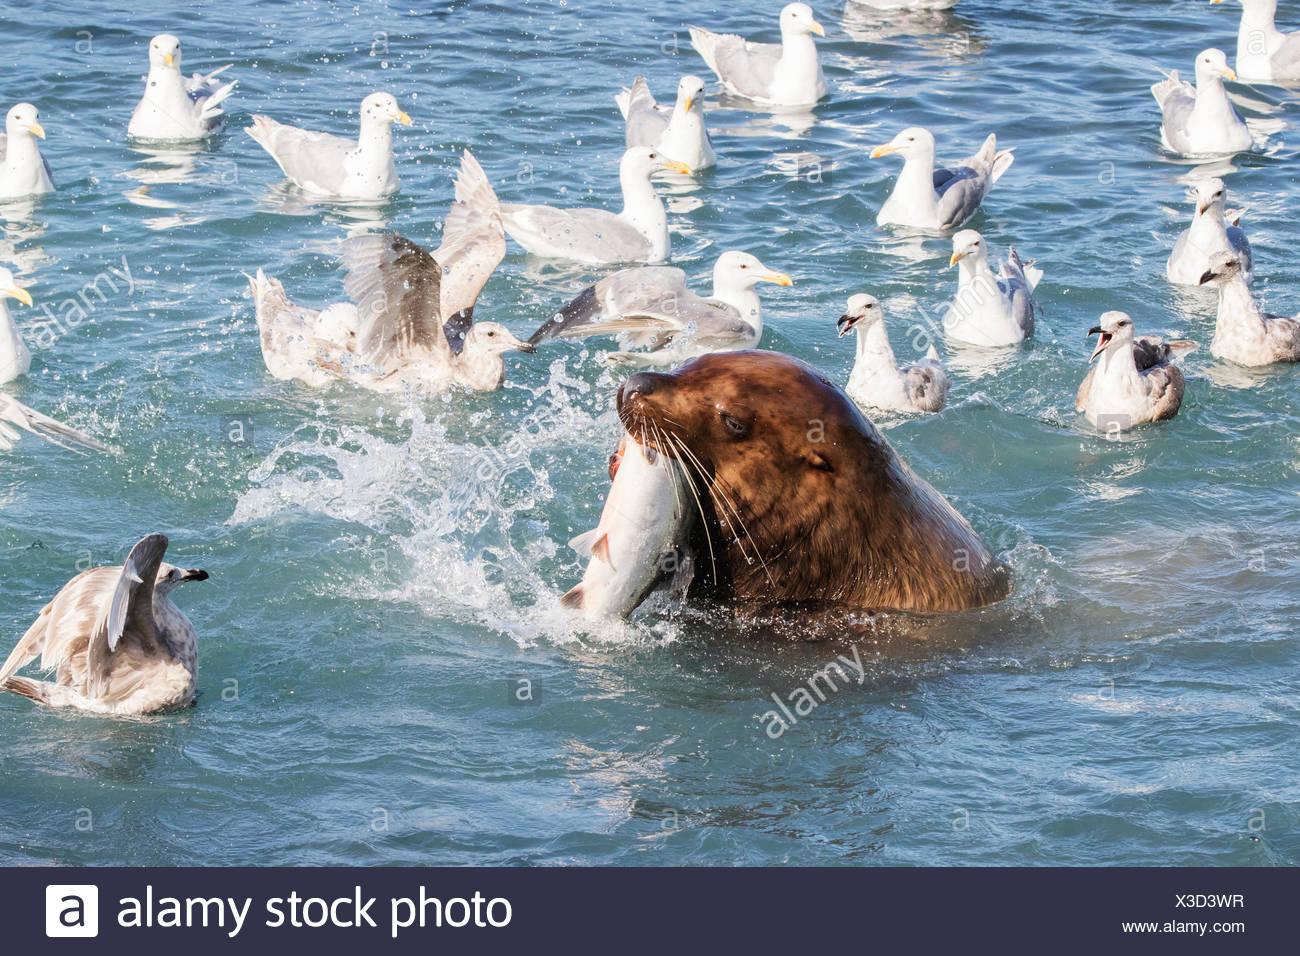 Un león marino nadando en el fish weir área y agarra un salmón rosado (Oncorhynchus gorbuscha), Punto de Allison, fuera Valdez Imagen De Stock